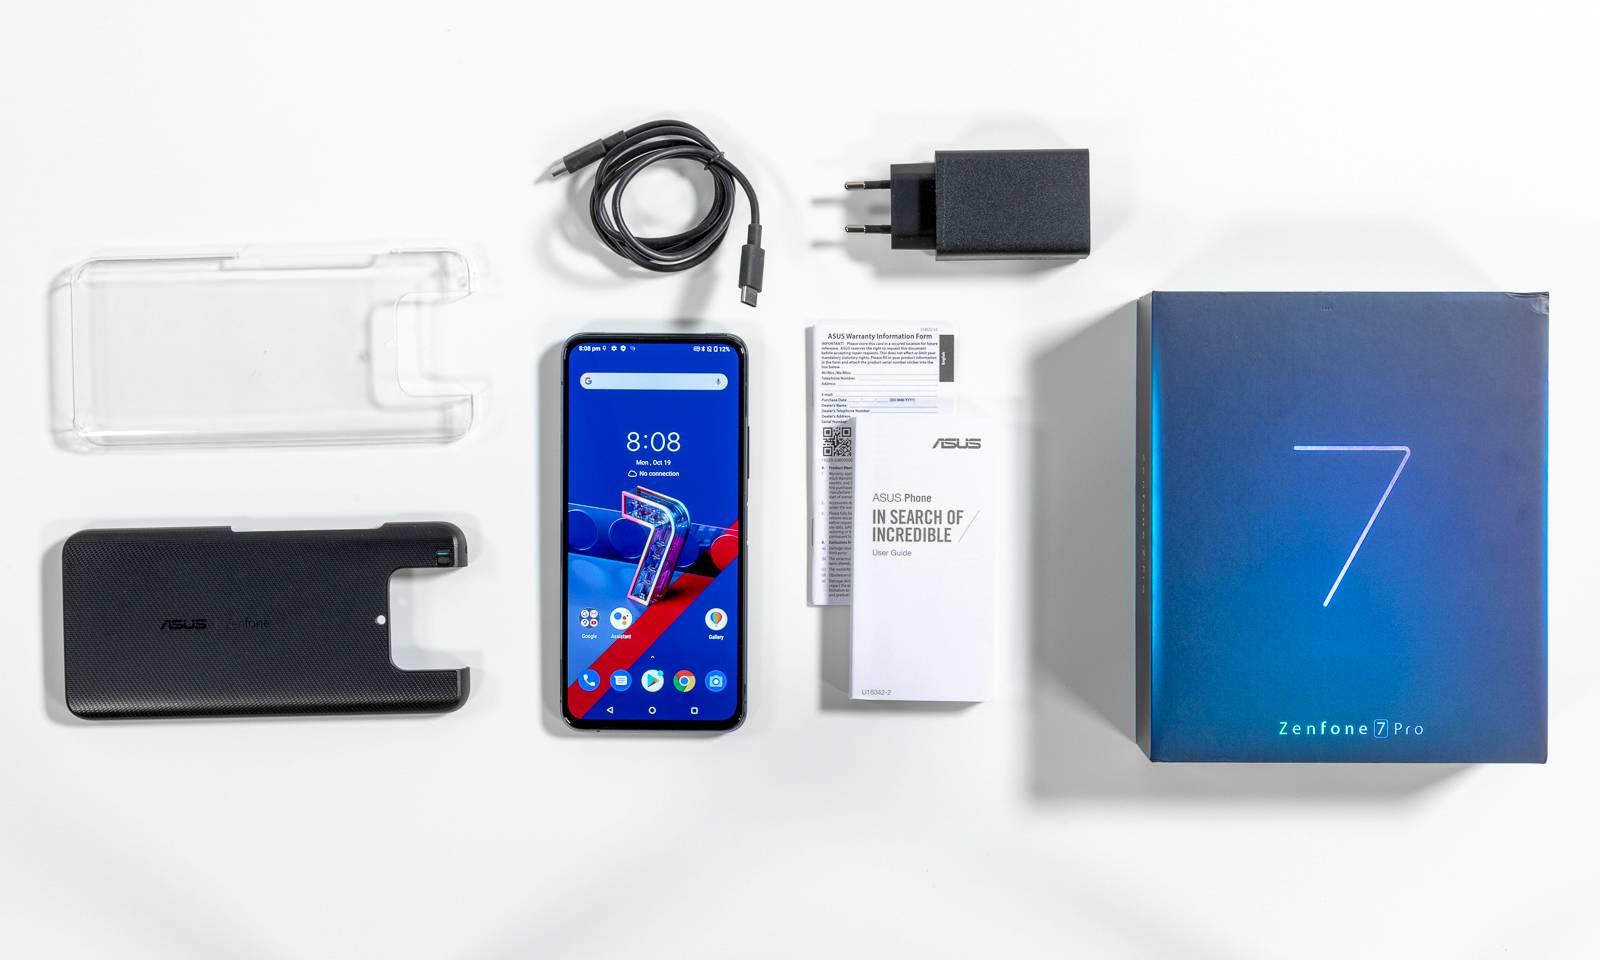 Conținutul pachetului ZenFone 7 Pro